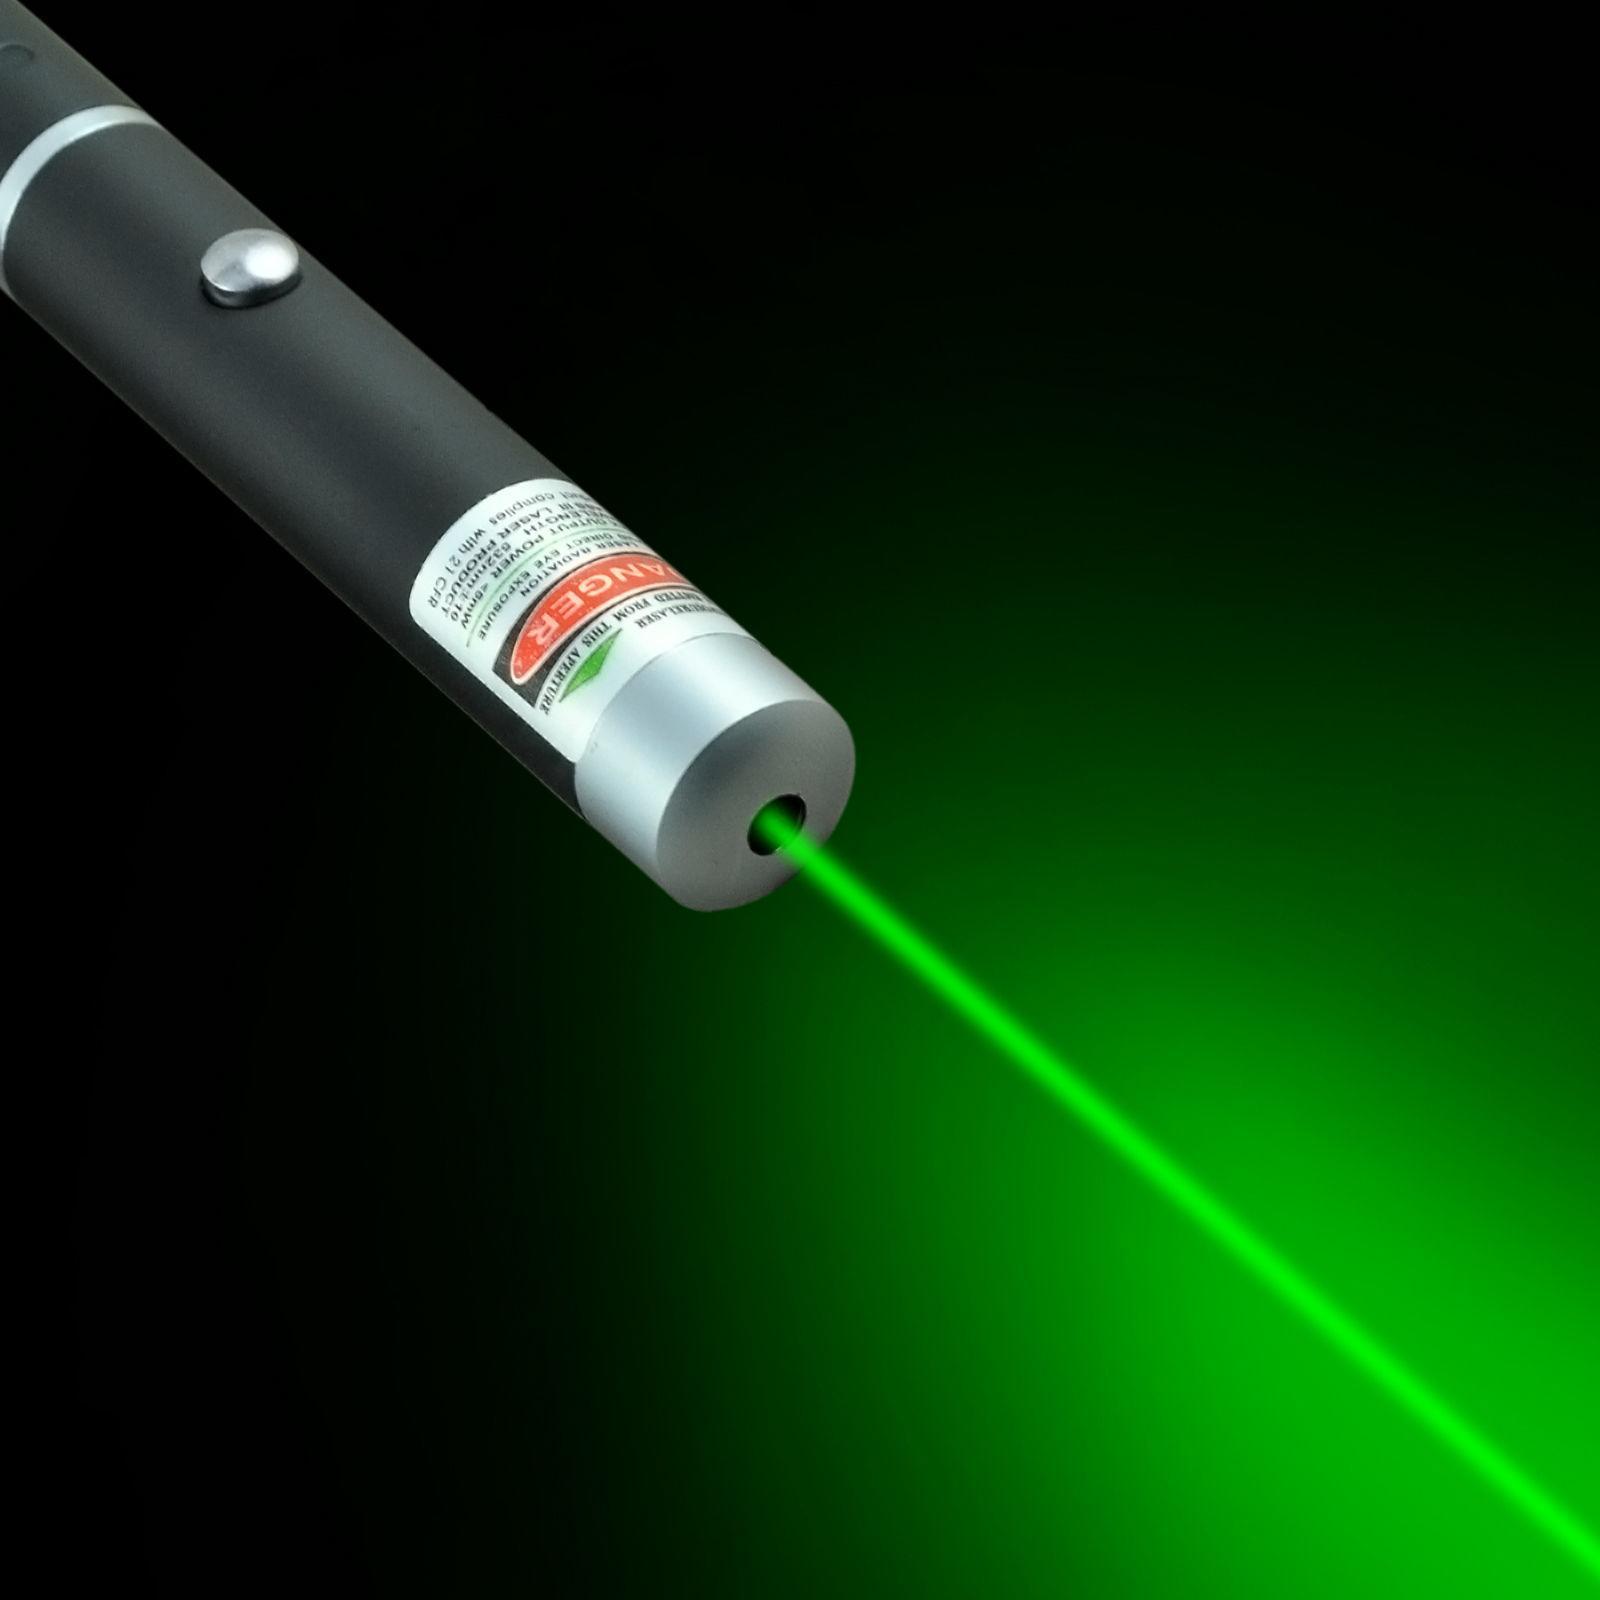 1 قطع مؤشر الليزر المهنية 3 ألوان 4.5mw قوية 500 متر led الشعلة القلم مصباح يدوي شعاع ضوء لتدريس أداة في الهواء الطلق x0524